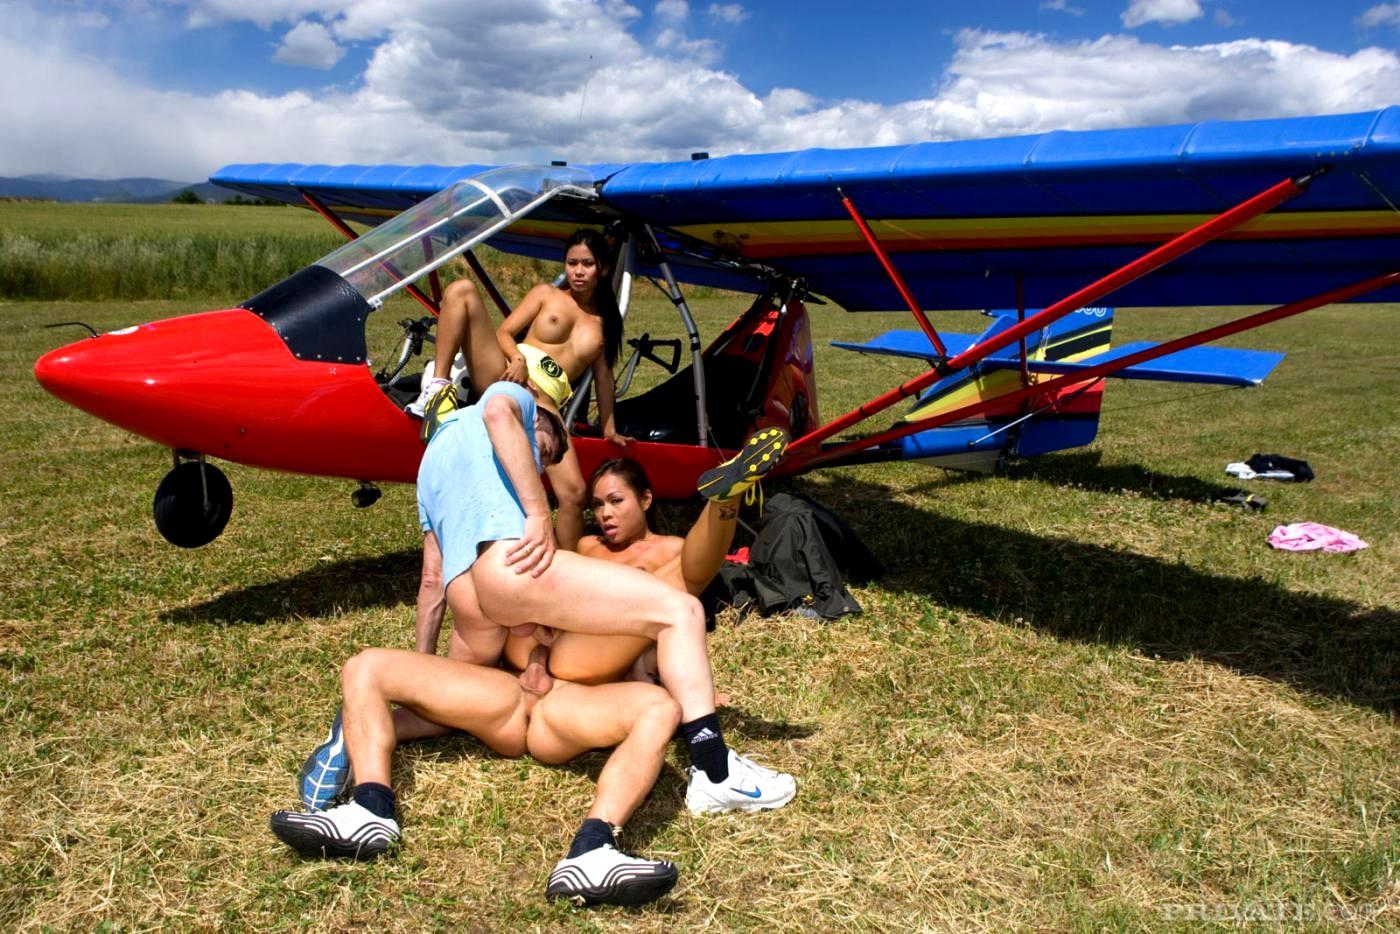 Nudist Teens In A Plane